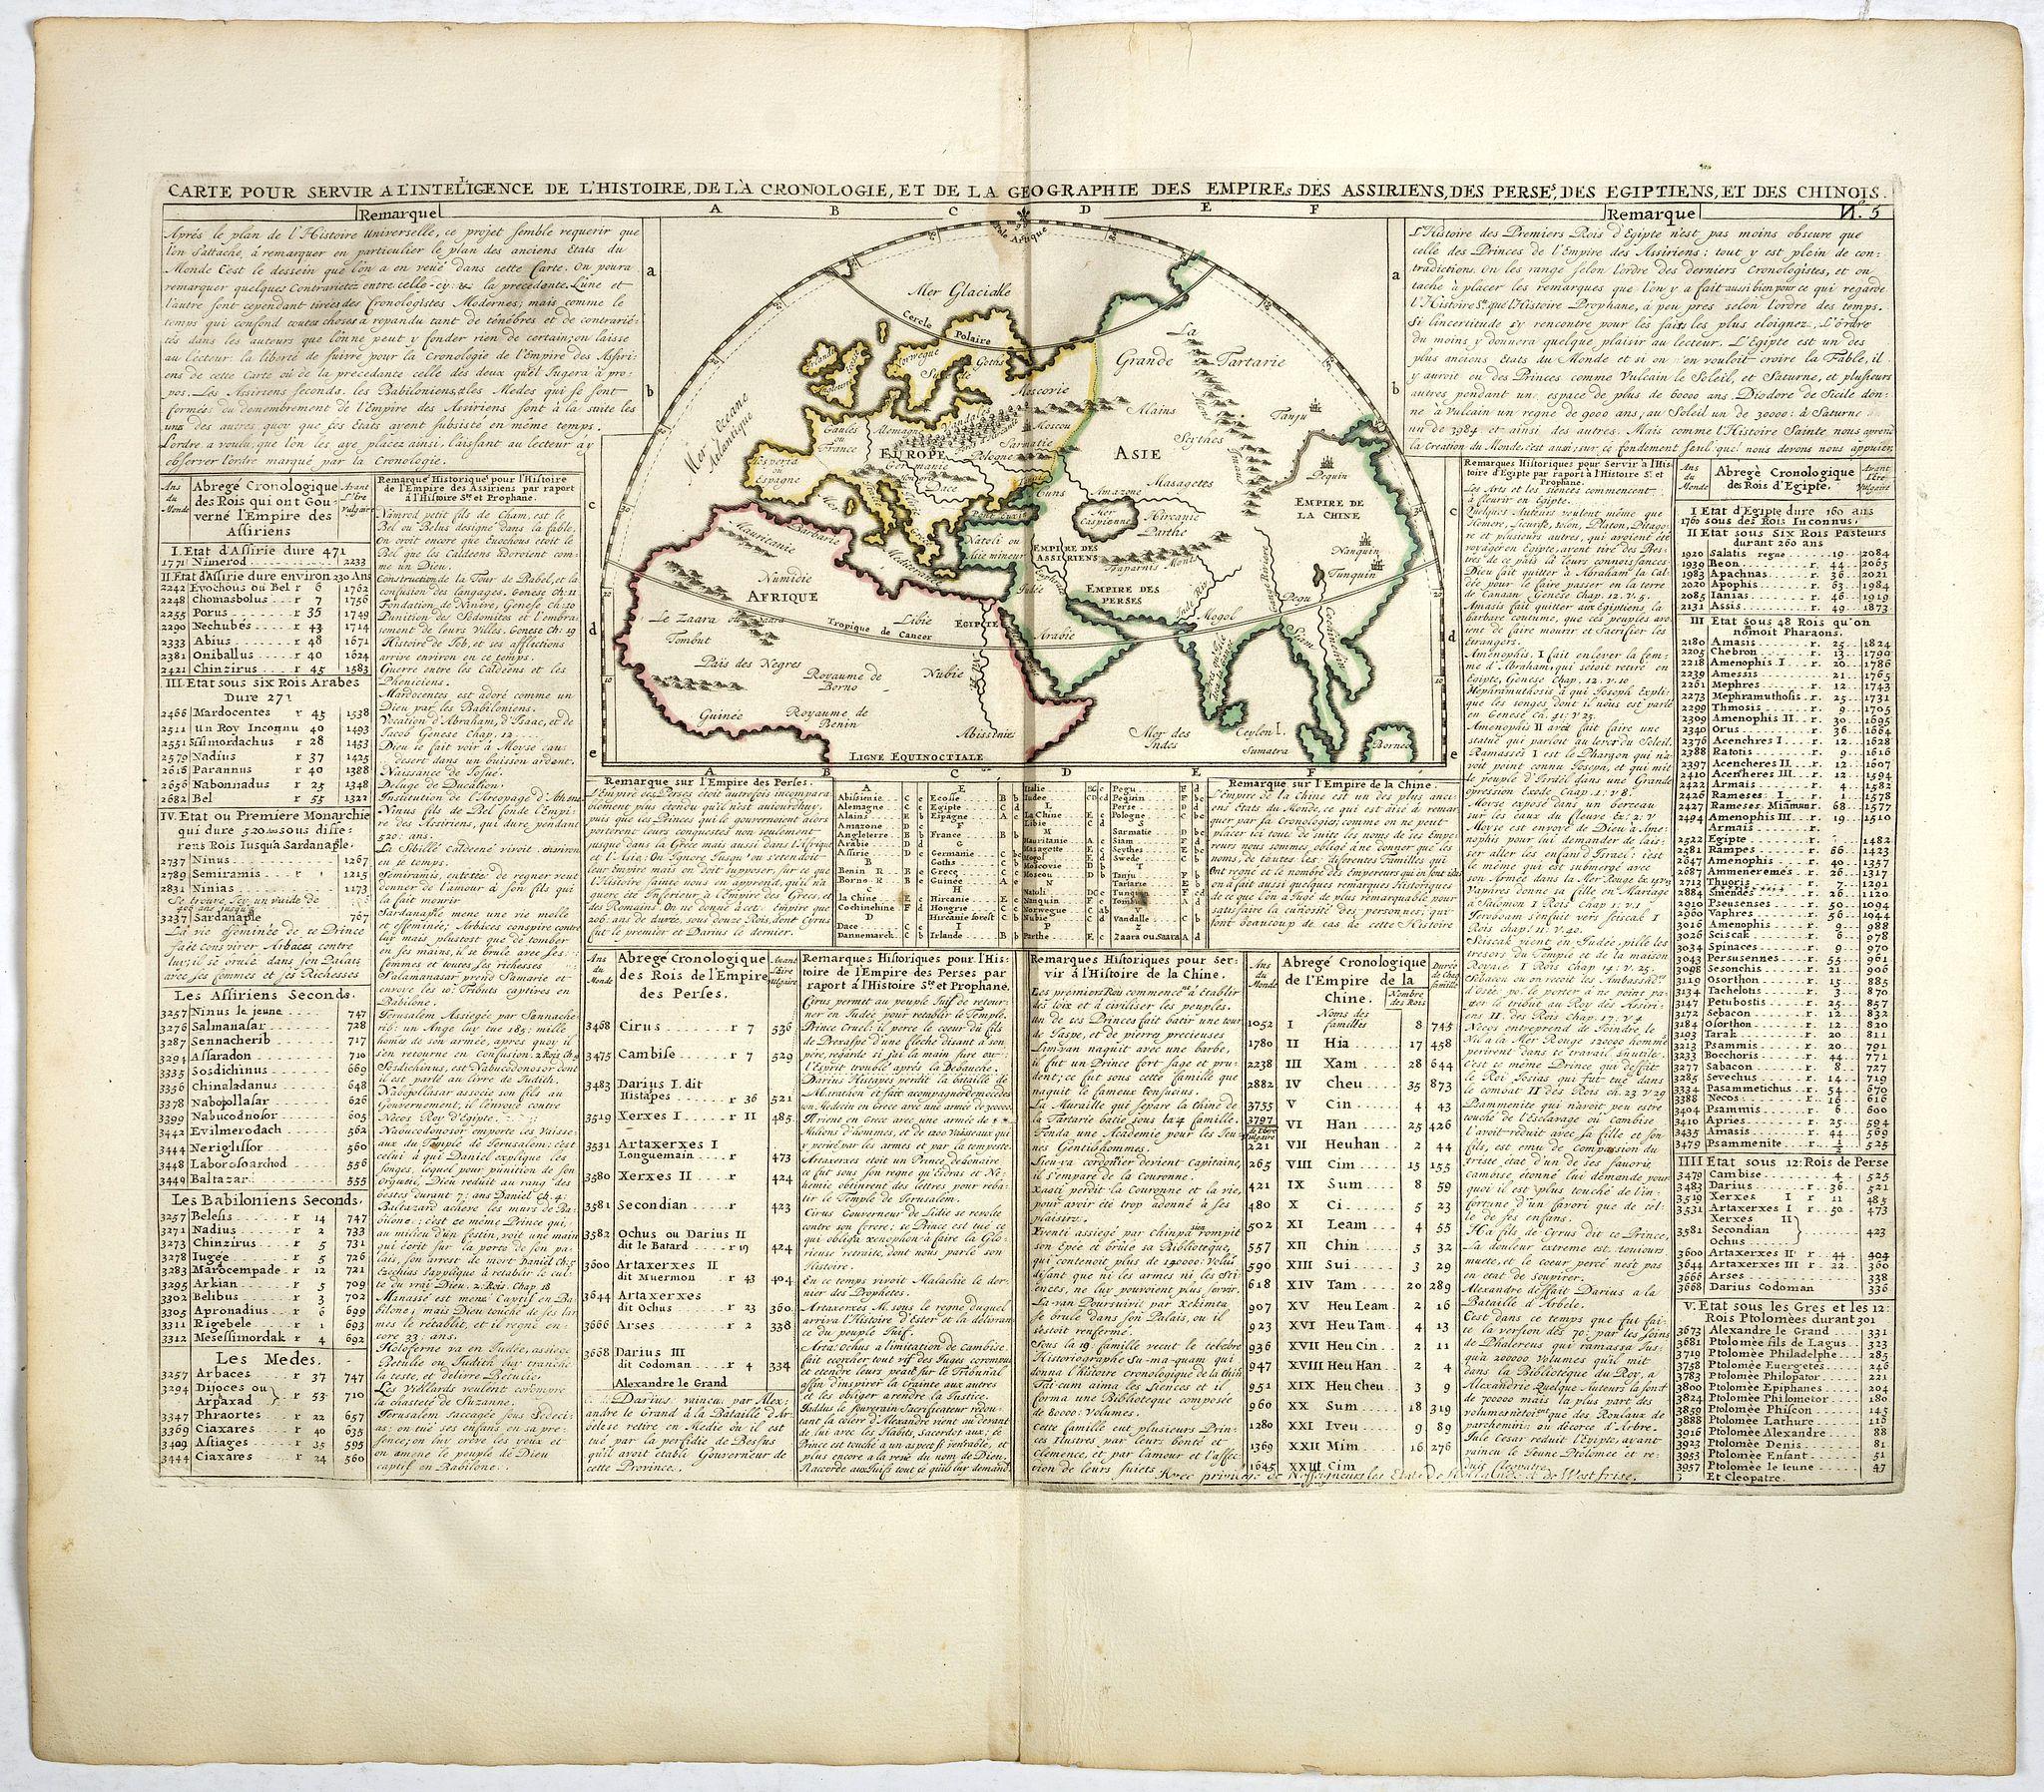 CHATELAIN, H. -  Carte pour servir à l'intelligence de l'histoire de la chronologie et de la géographie des empires des Assiriens, des Perses, des Egyptiens et des Chinois.